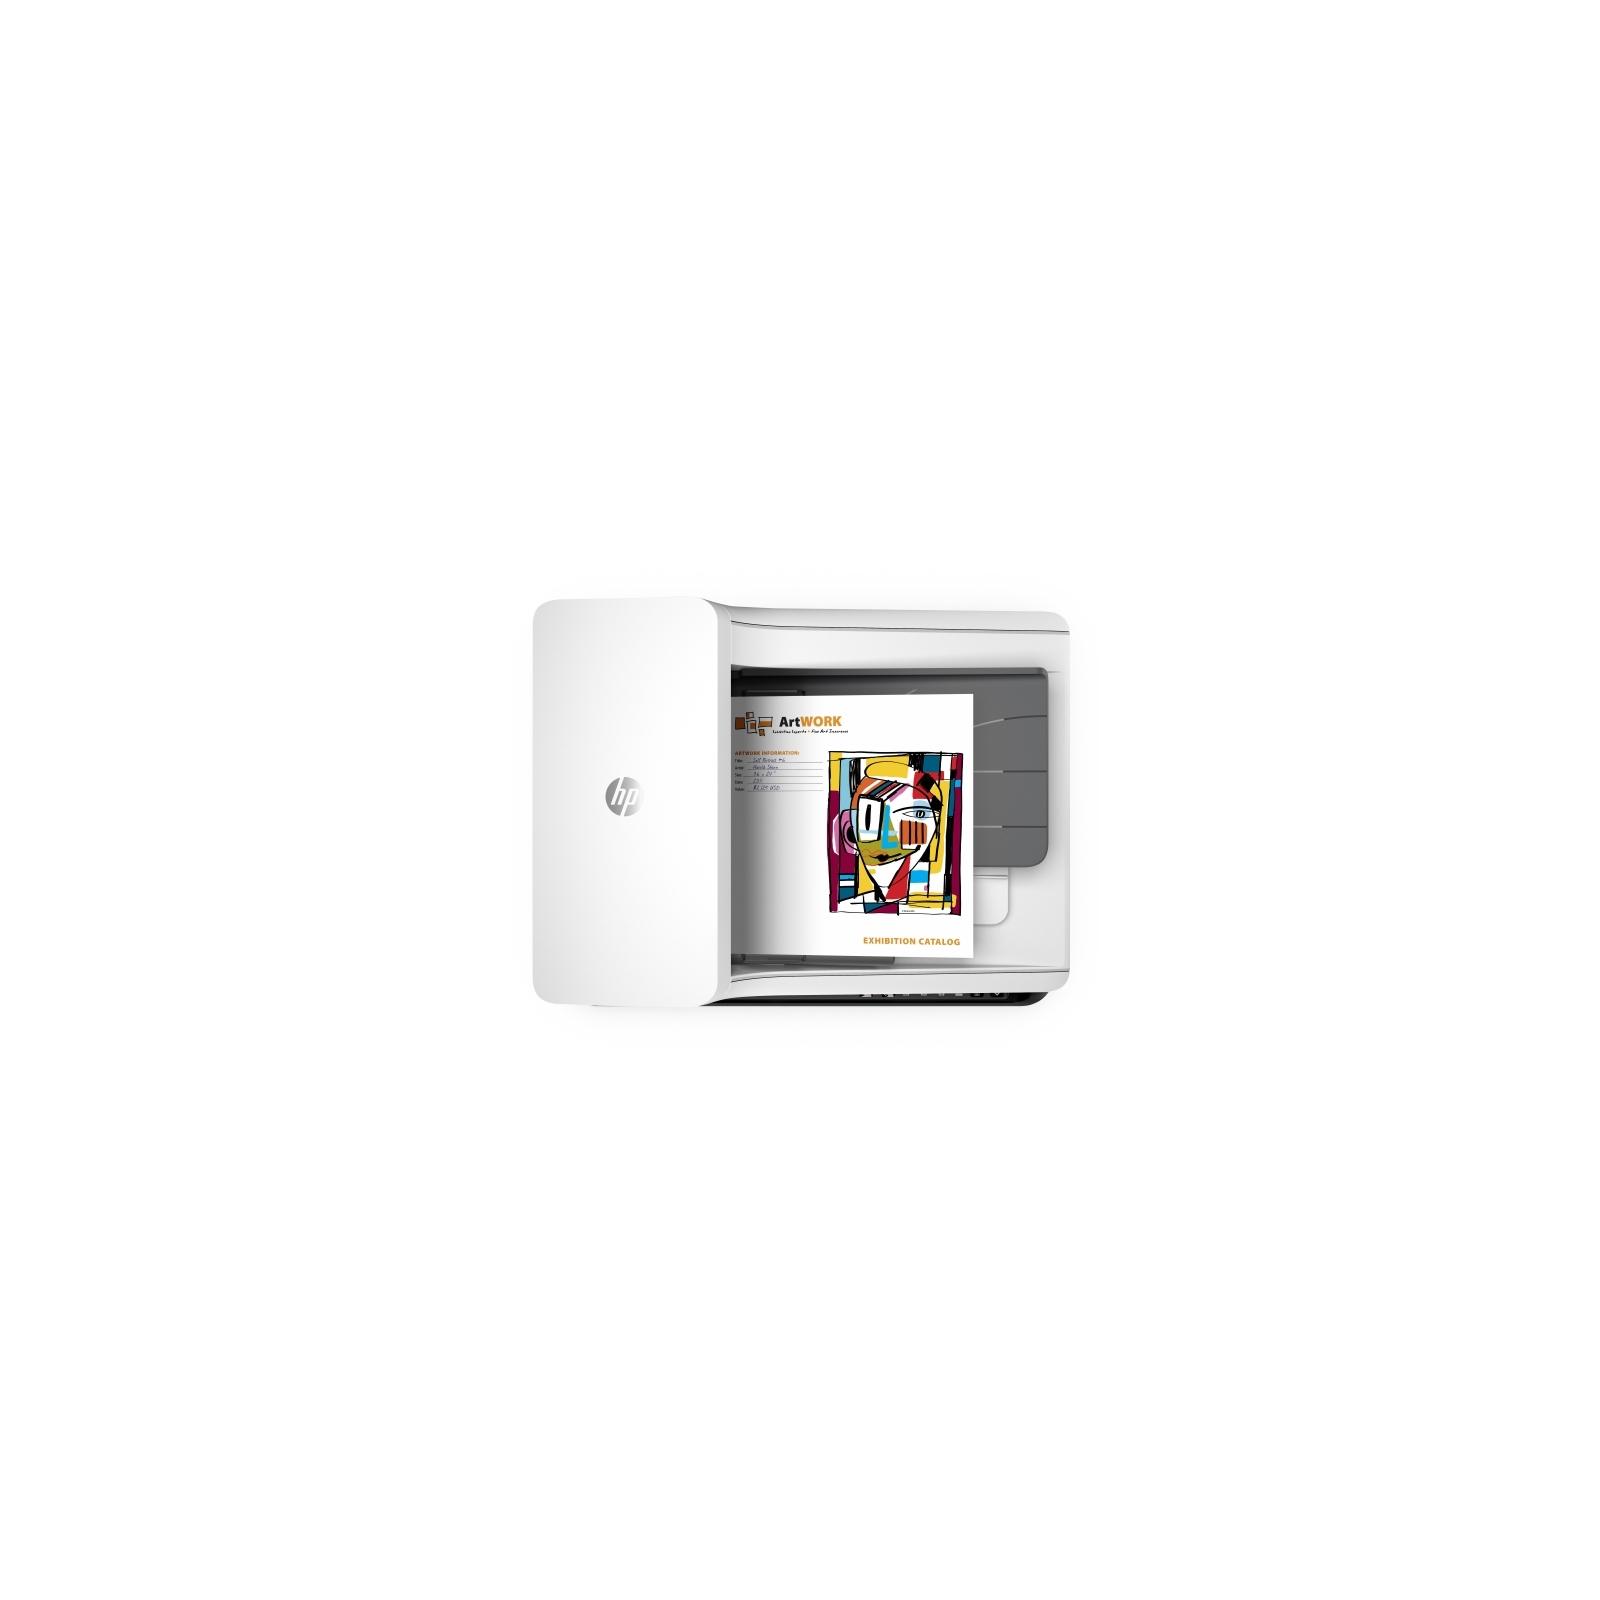 Сканер HP Scan Jet Pro 2500 f1 (L2747A) изображение 4